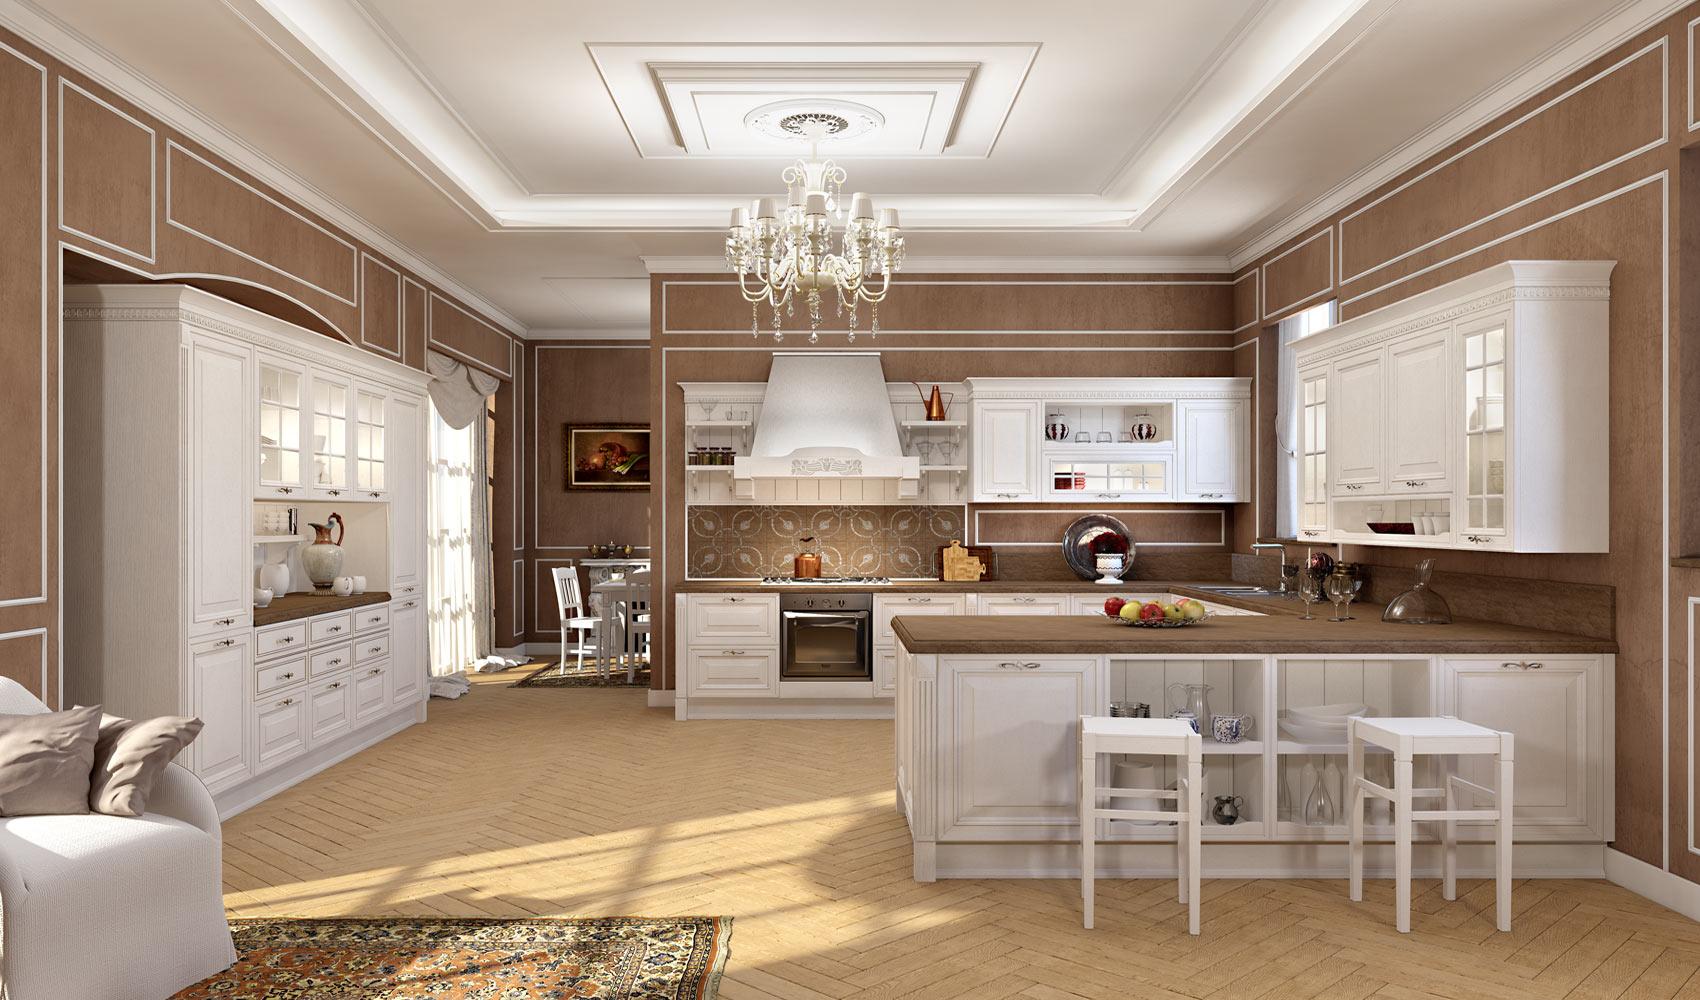 Cucine pirani mobili - Arredamento cucina classica ...